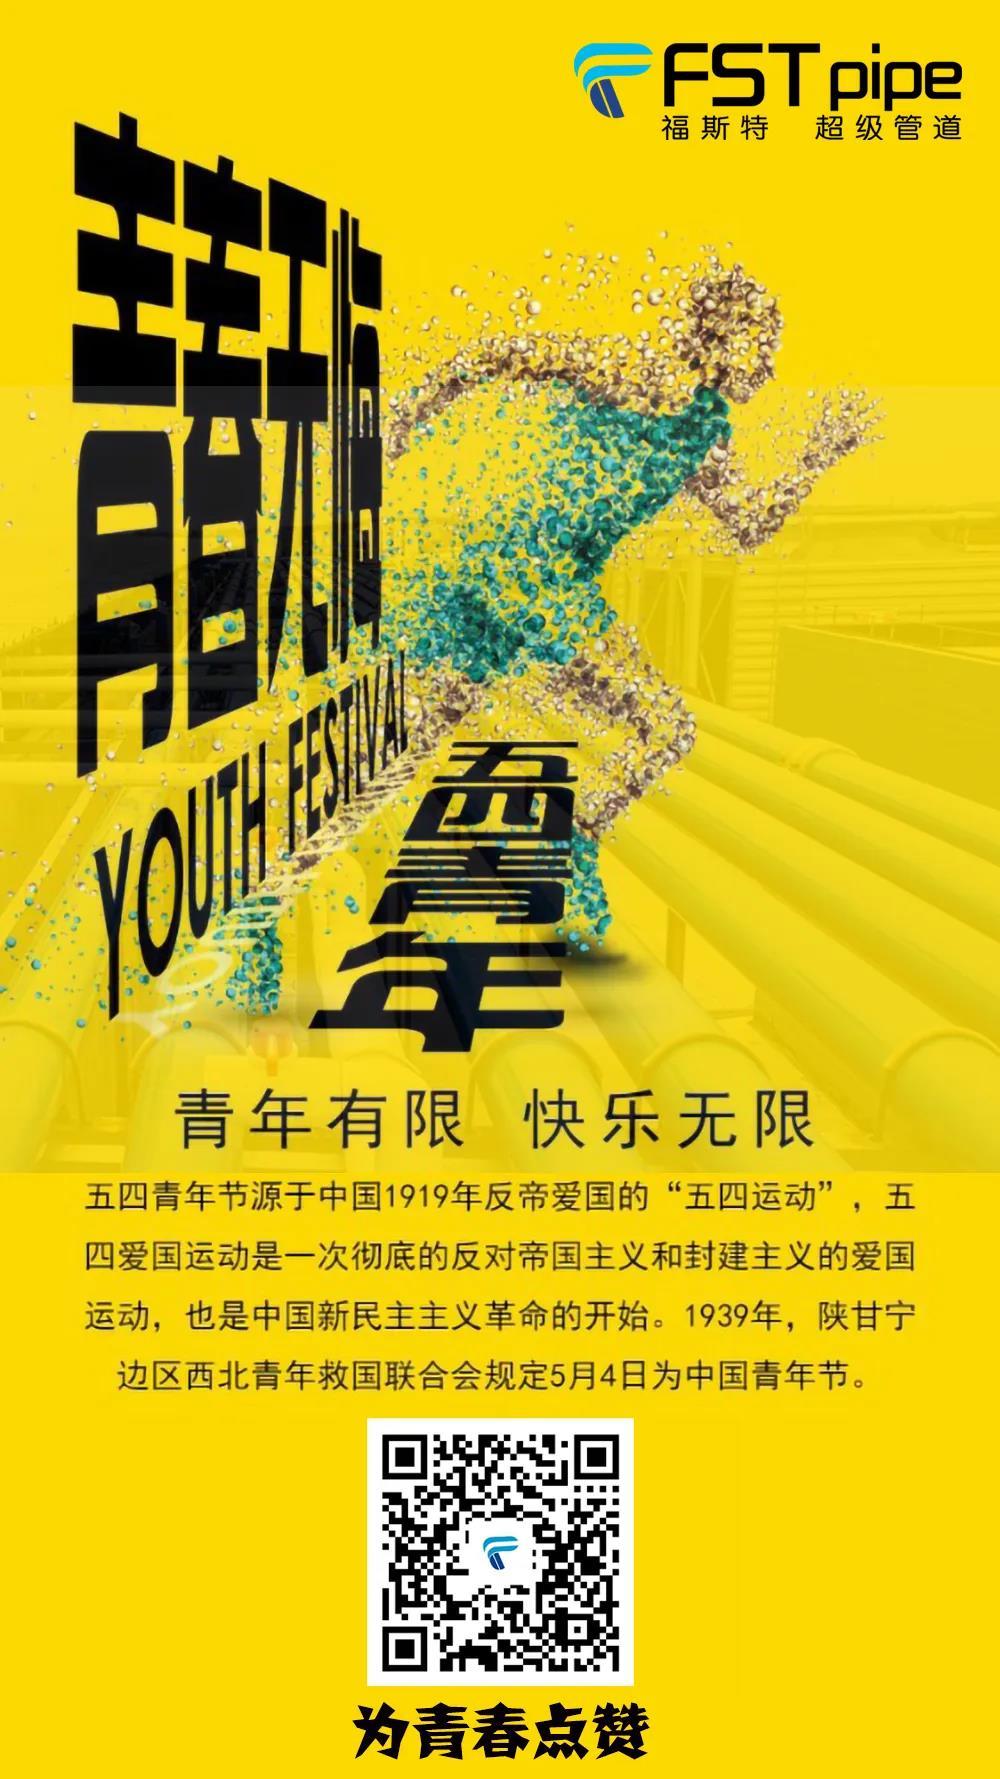 五四青年节,青春的逆行!